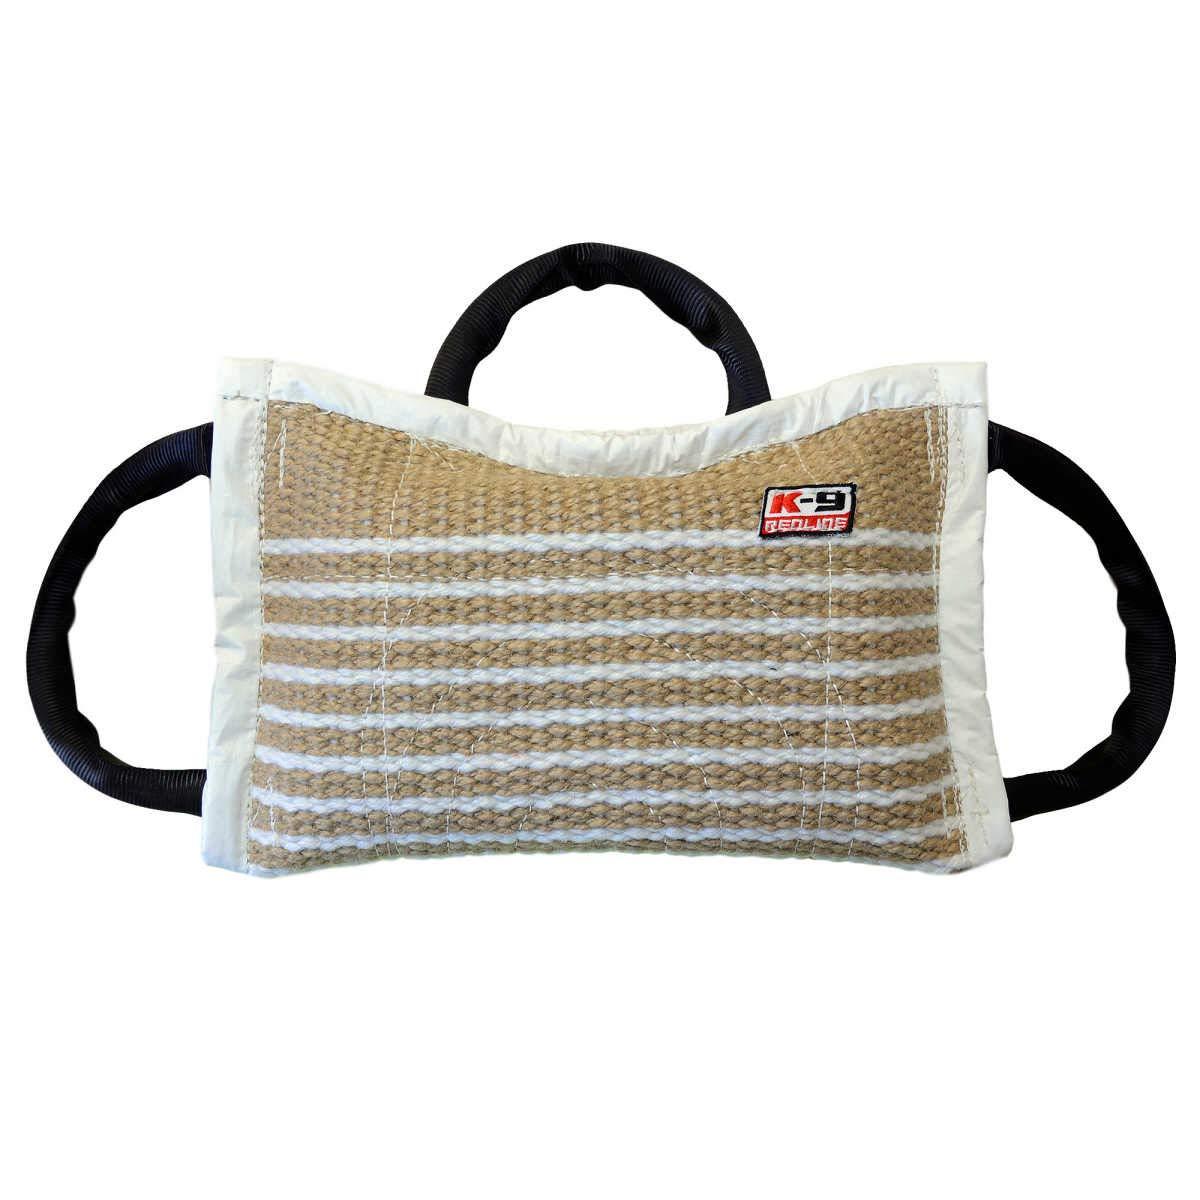 Redline K9 3 Handle Jute Bite Pillow/Gusset Firm 15'' X 9.5'' by REDLINE K-9